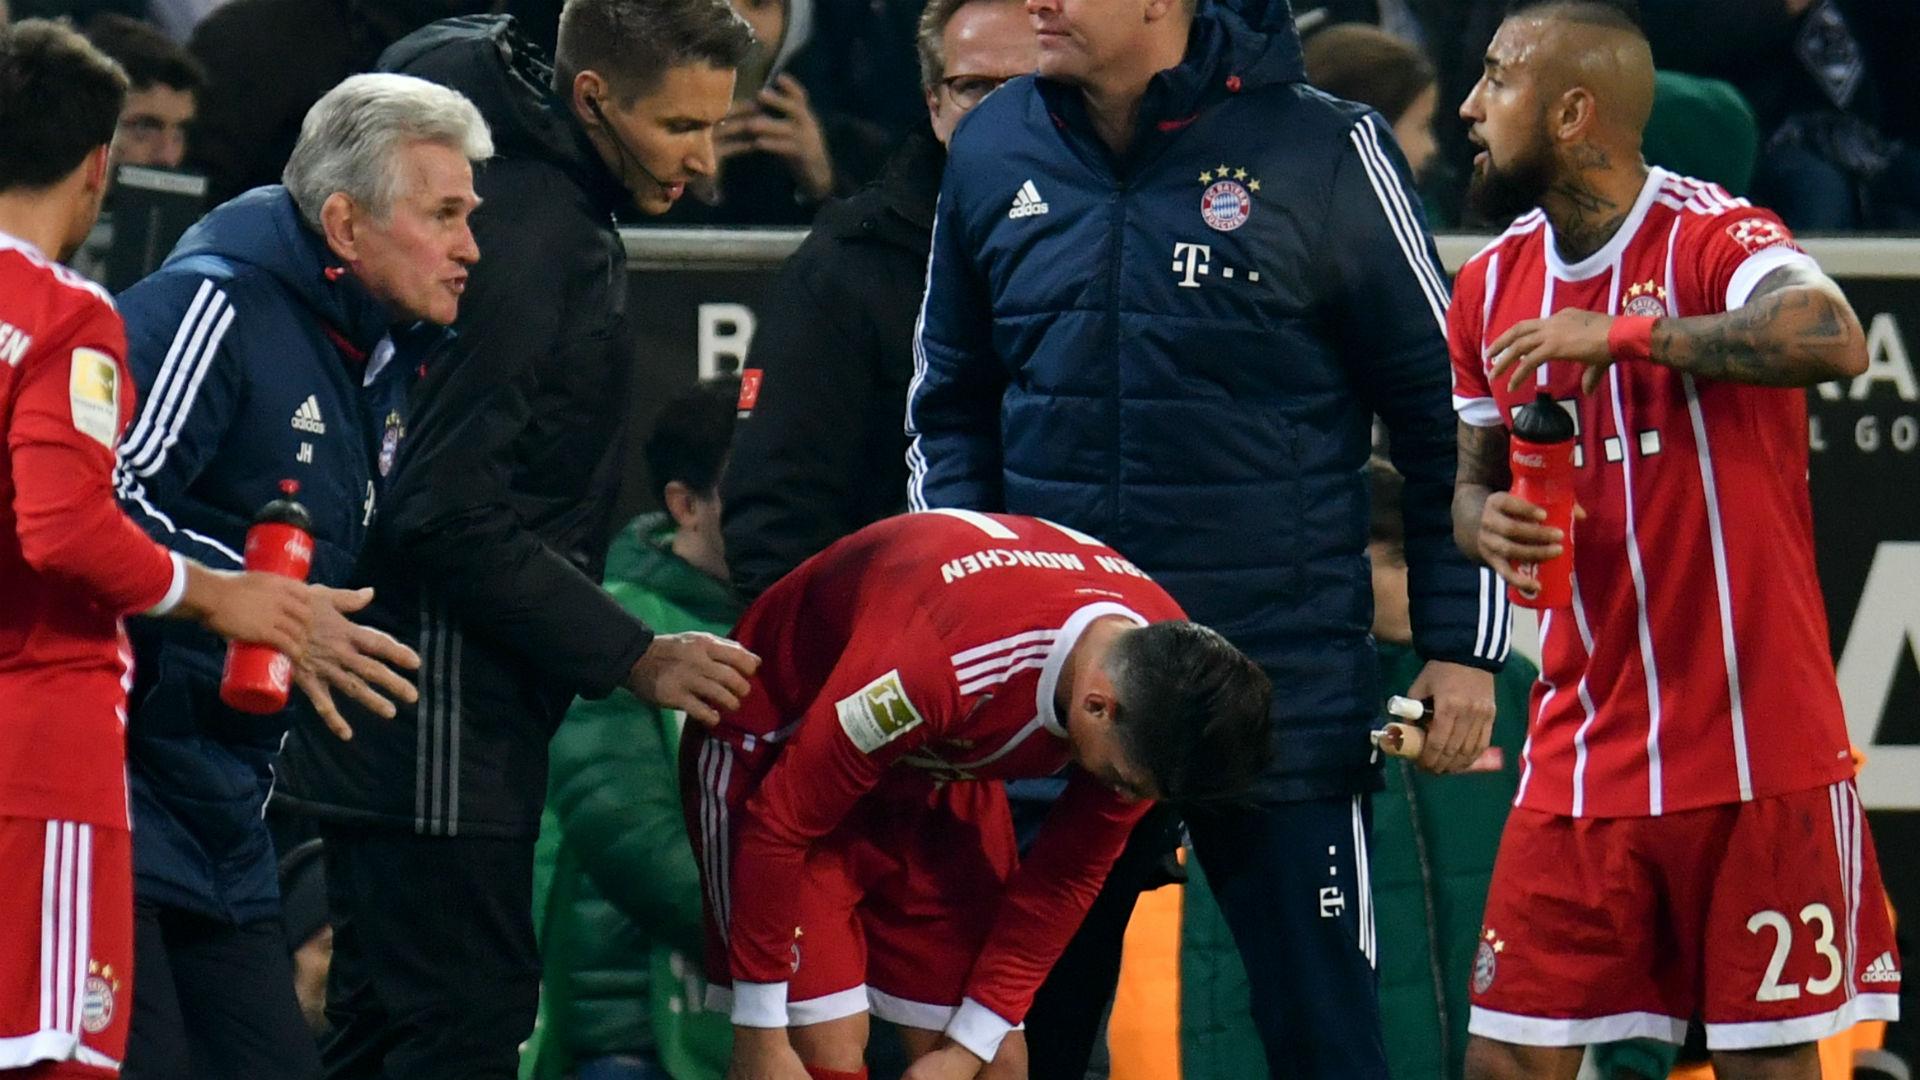 James será titular con Bayern Múnich frente a Borussia Mönchengladbach: Heynckes